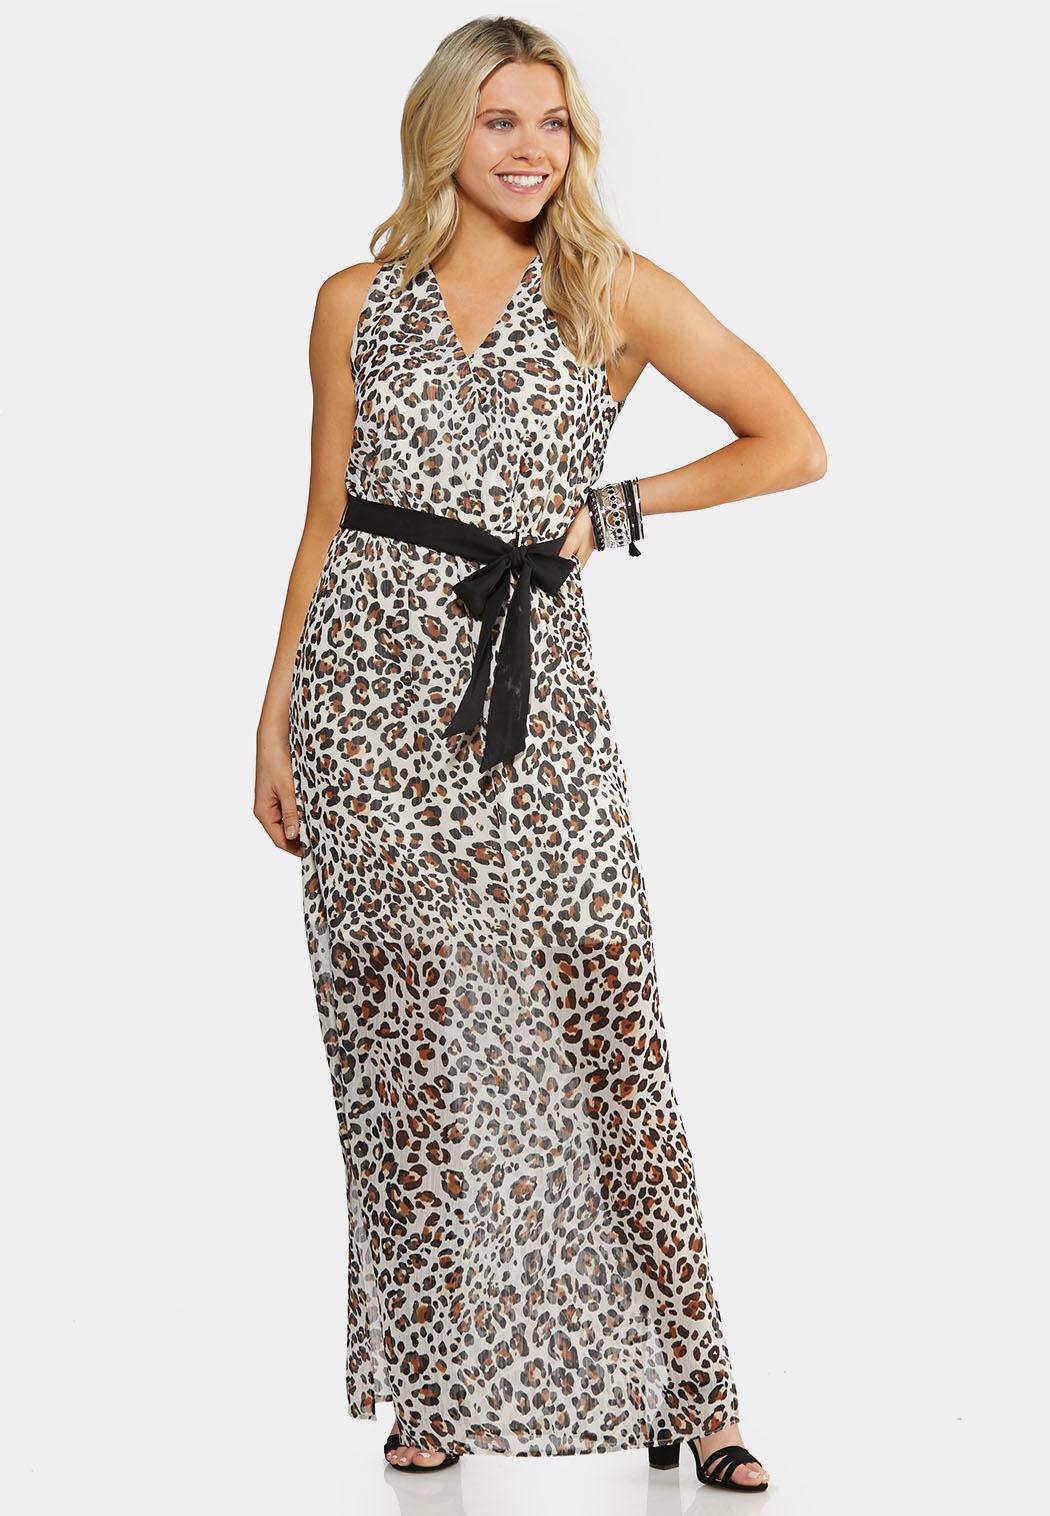 fff9b93713b Plus Petite Animal Print Maxi Dress Petite Lengths Cato Fashions